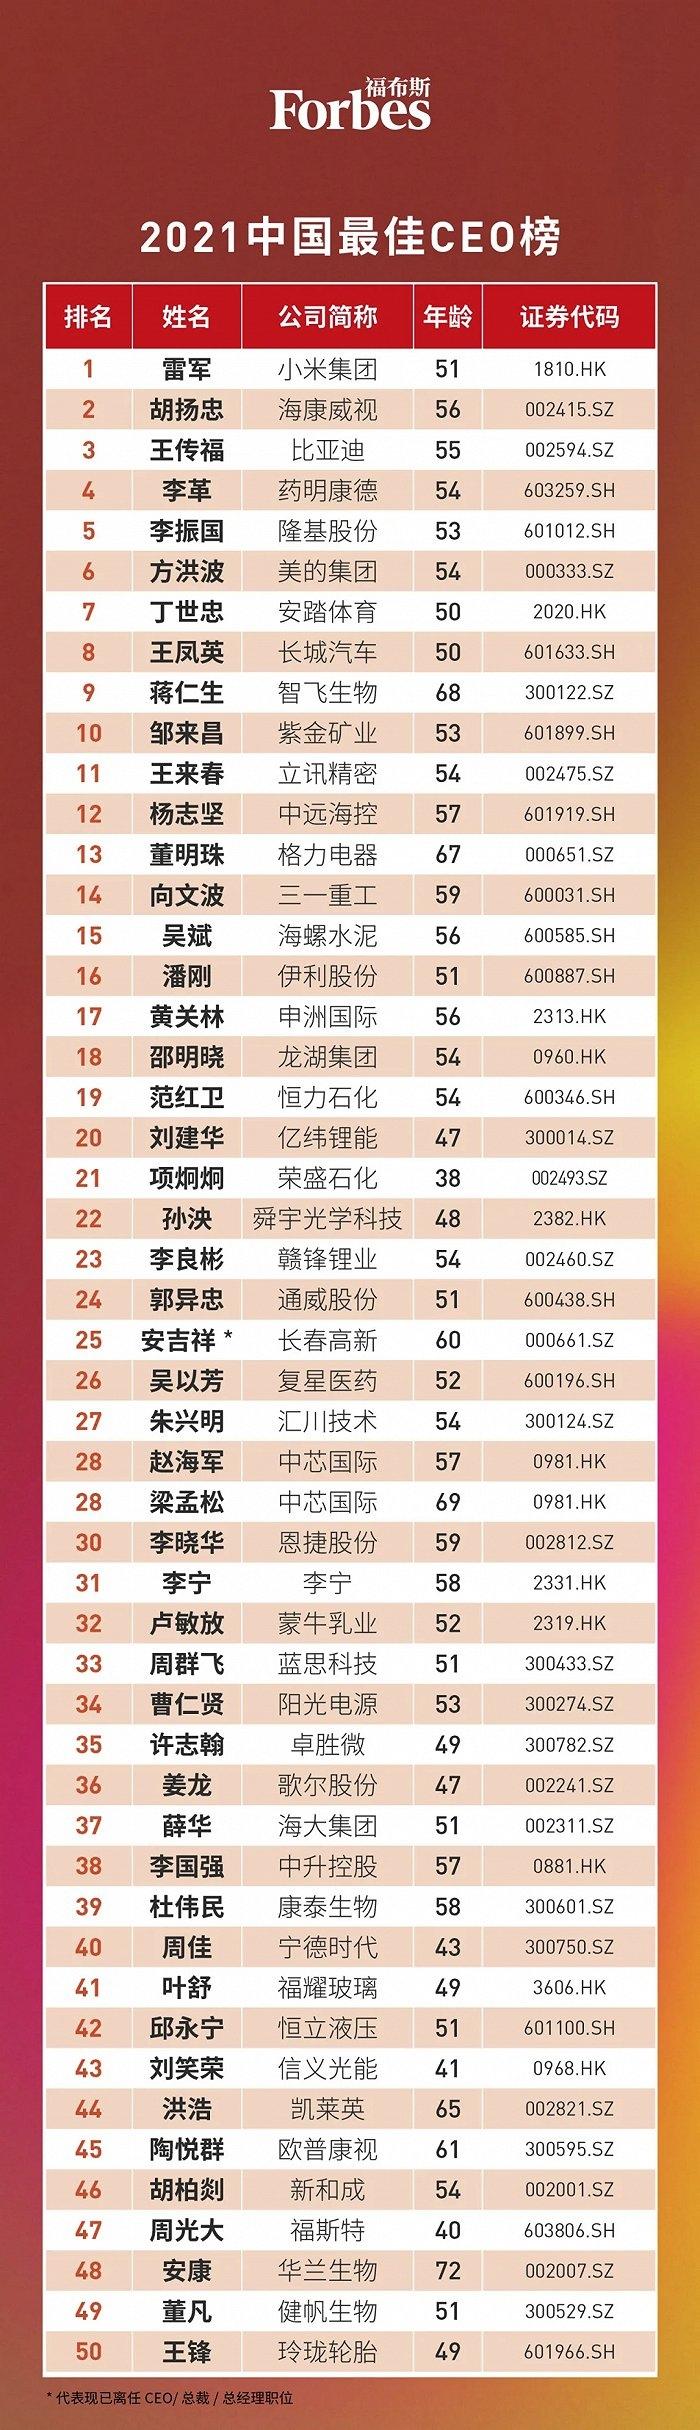 福布斯发布2021中国最佳CEO榜雷军胡扬忠王传福位列前三